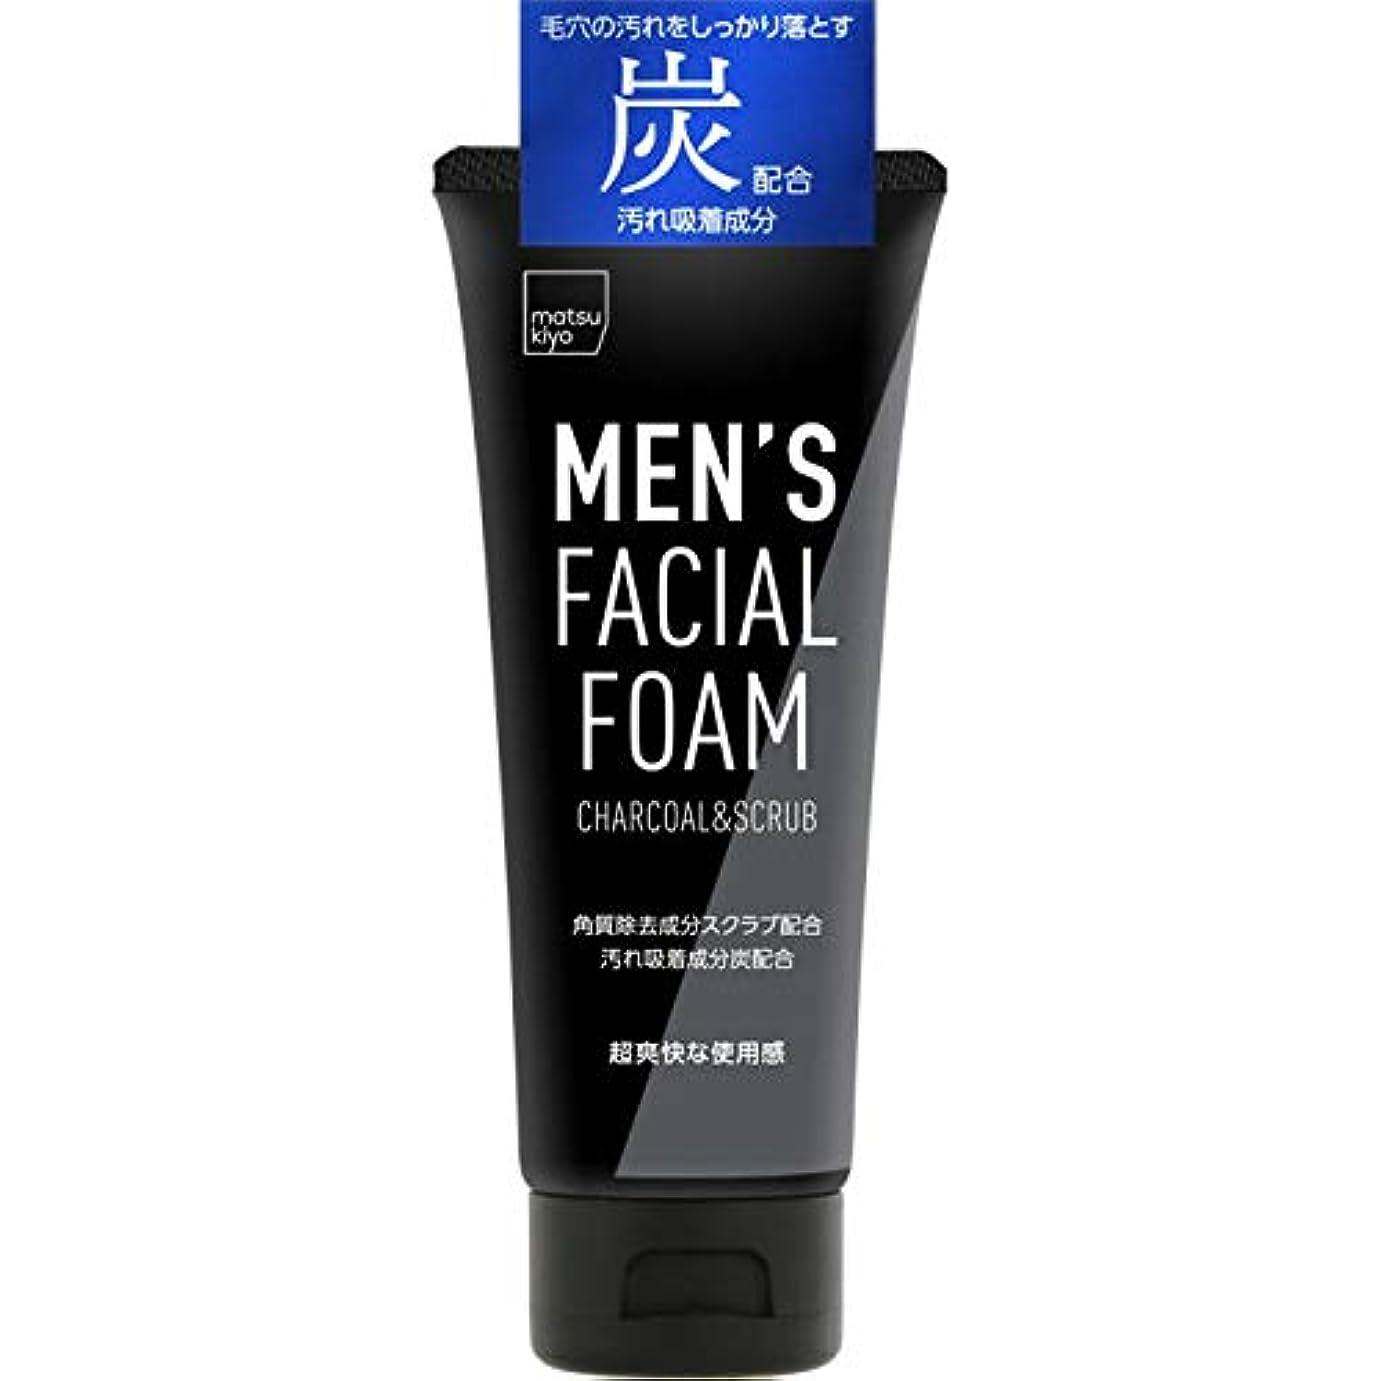 強度さわやかテクスチャー熊野油脂 matsukiyo mk メンズスクラブ洗顔フォーム 炭配合 130g